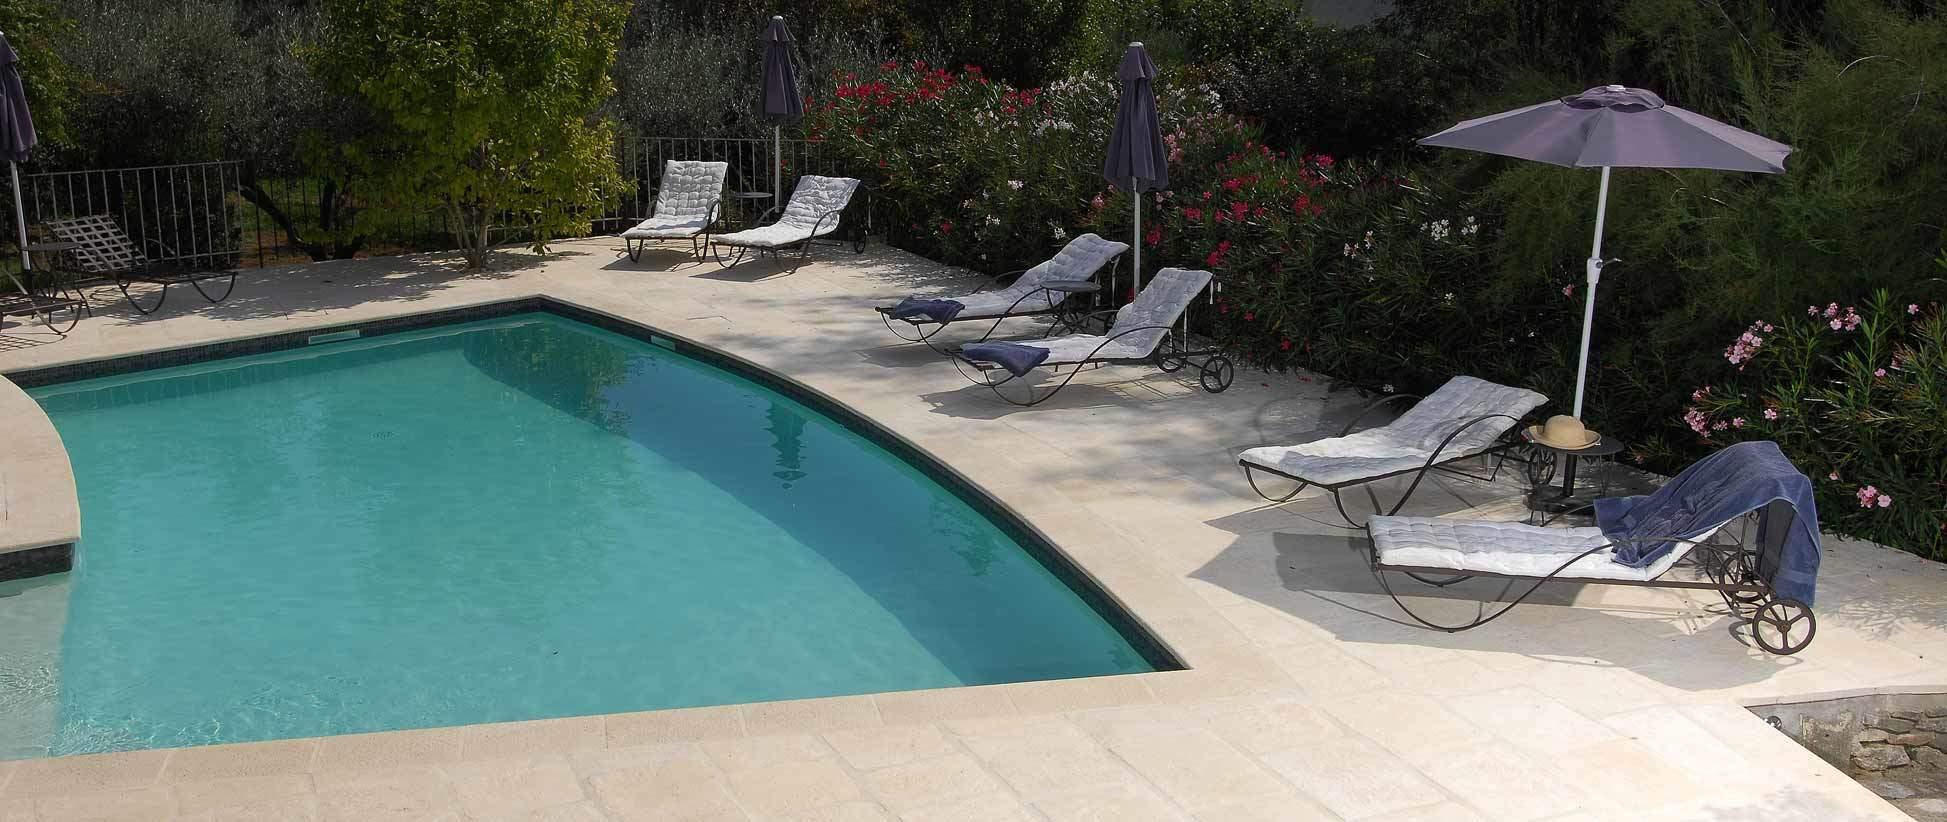 Accueil rouviere collection fabricant fran ais mat riaux Revetement piscine beton cire